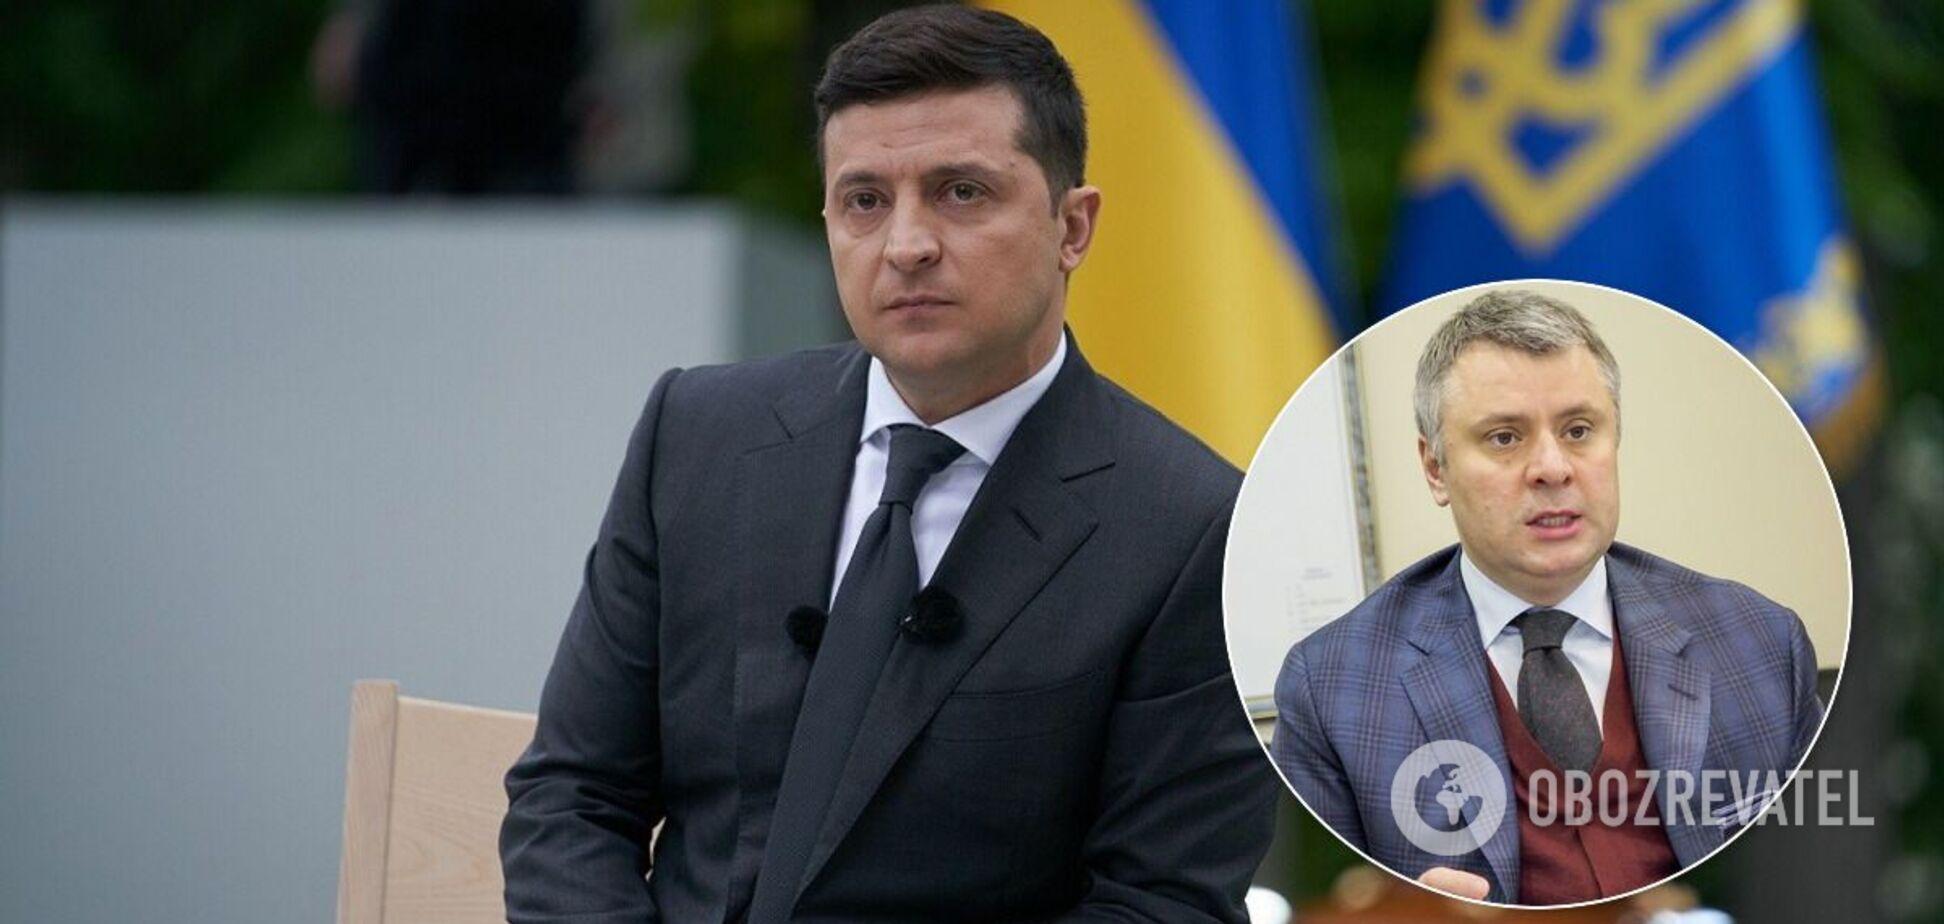 Власть нашла мои слабые места, – скандальный Витренко о назначении министром